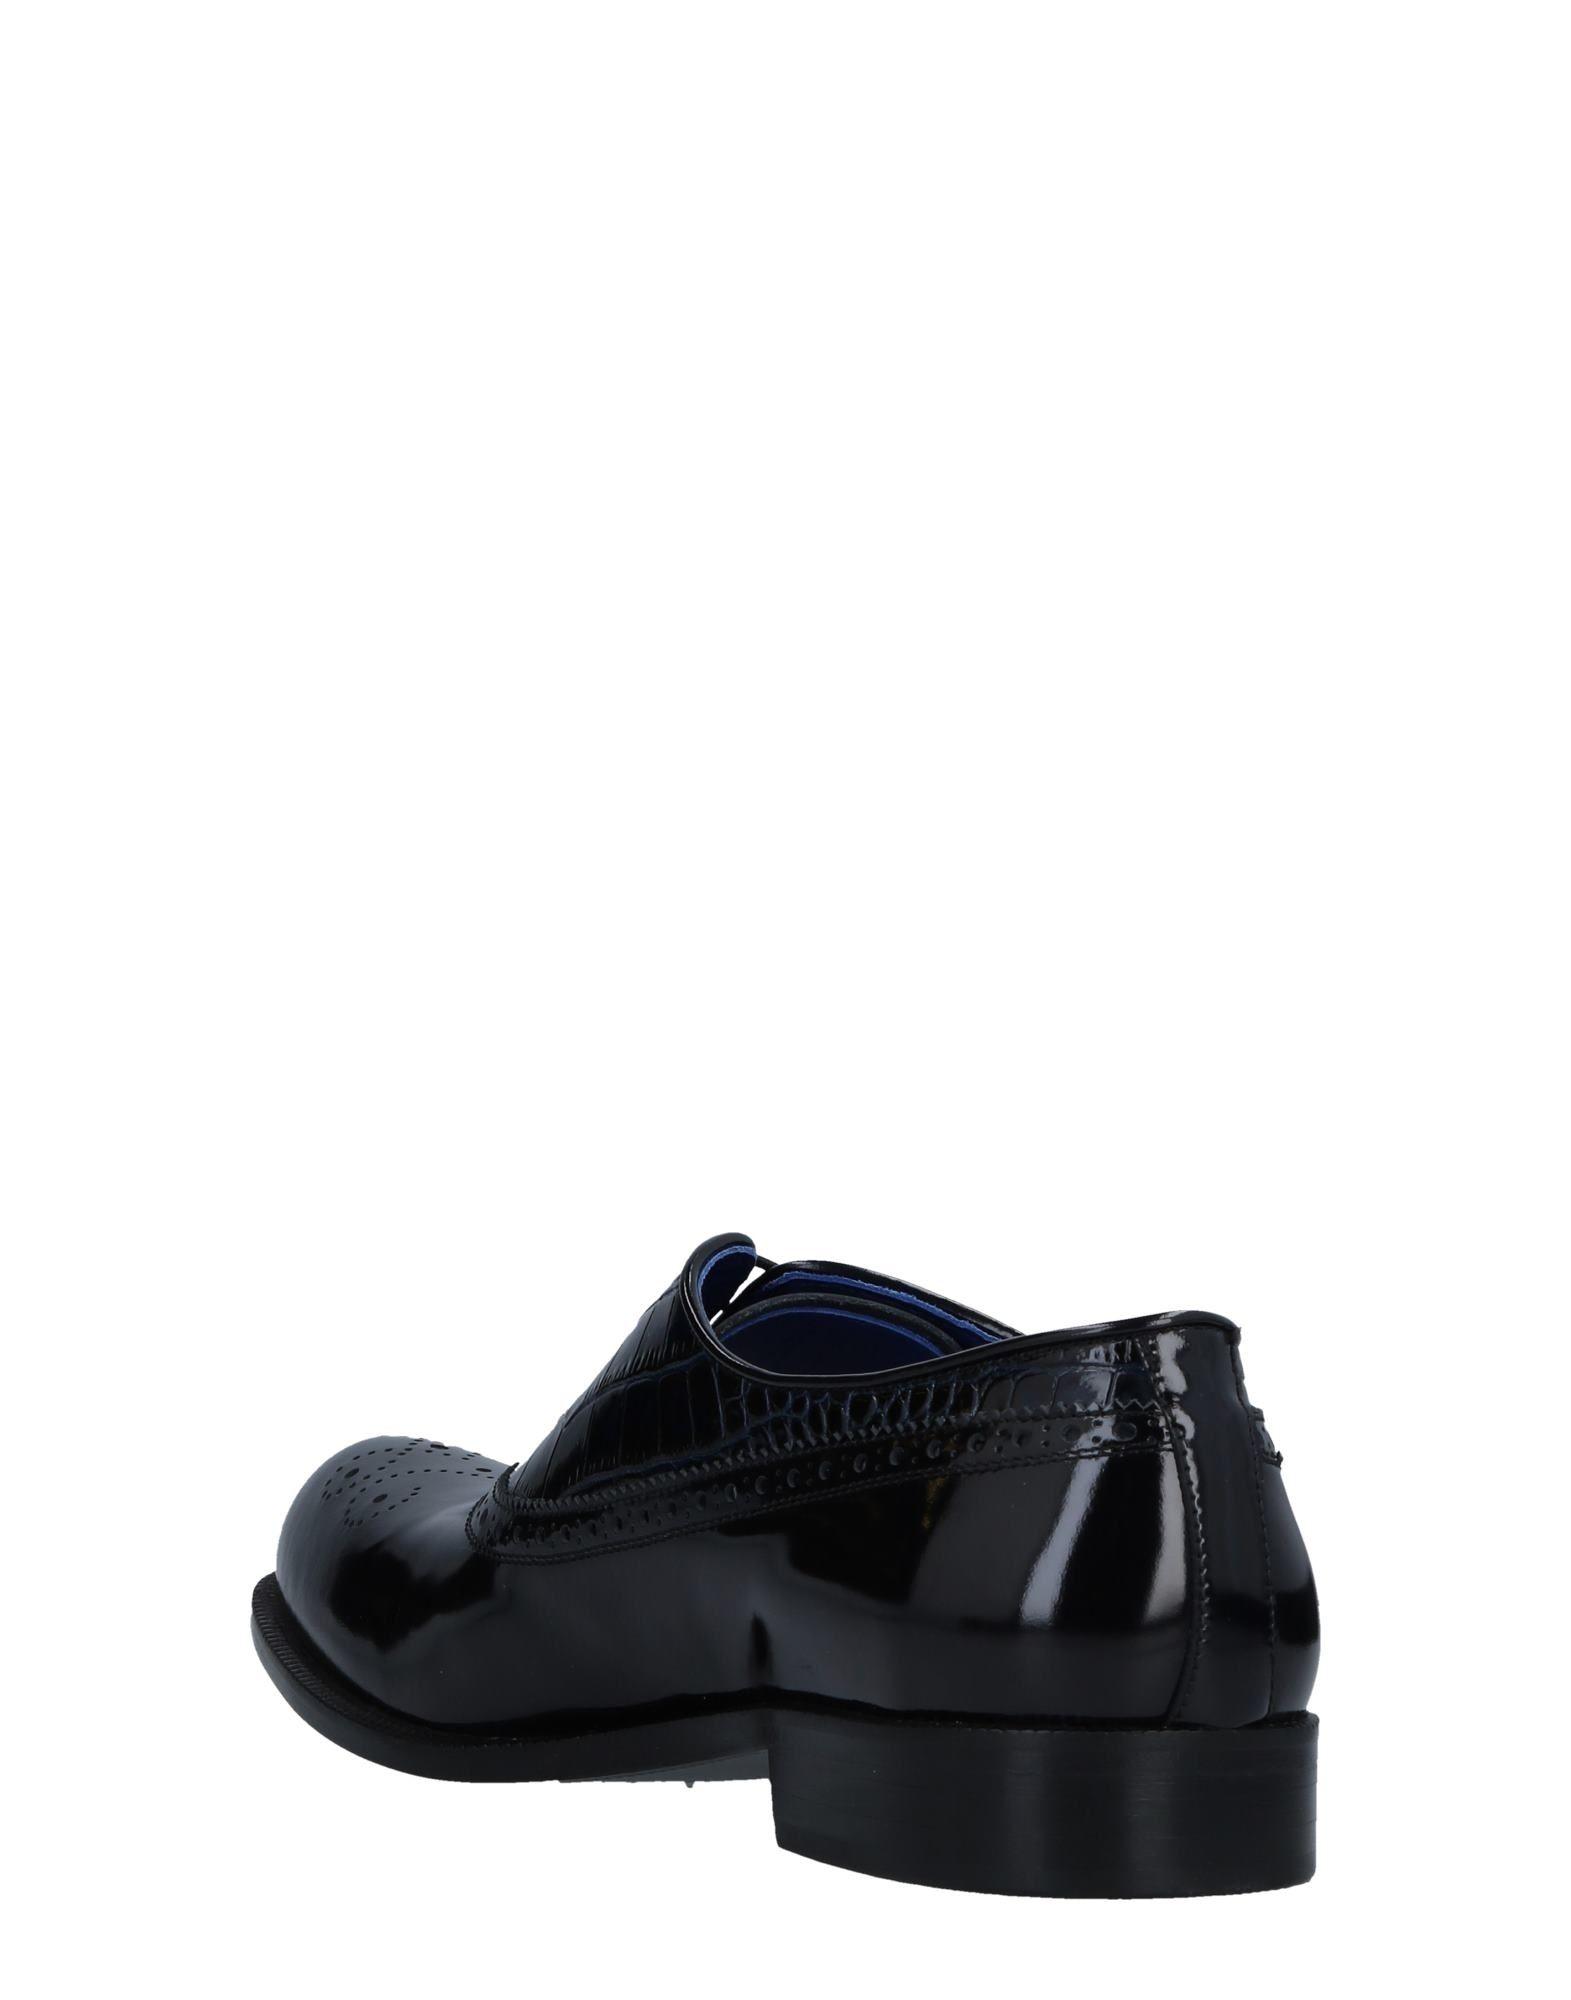 Giovanni Conti Schnürschuhe Herren  11519922RN Gute Qualität beliebte Schuhe